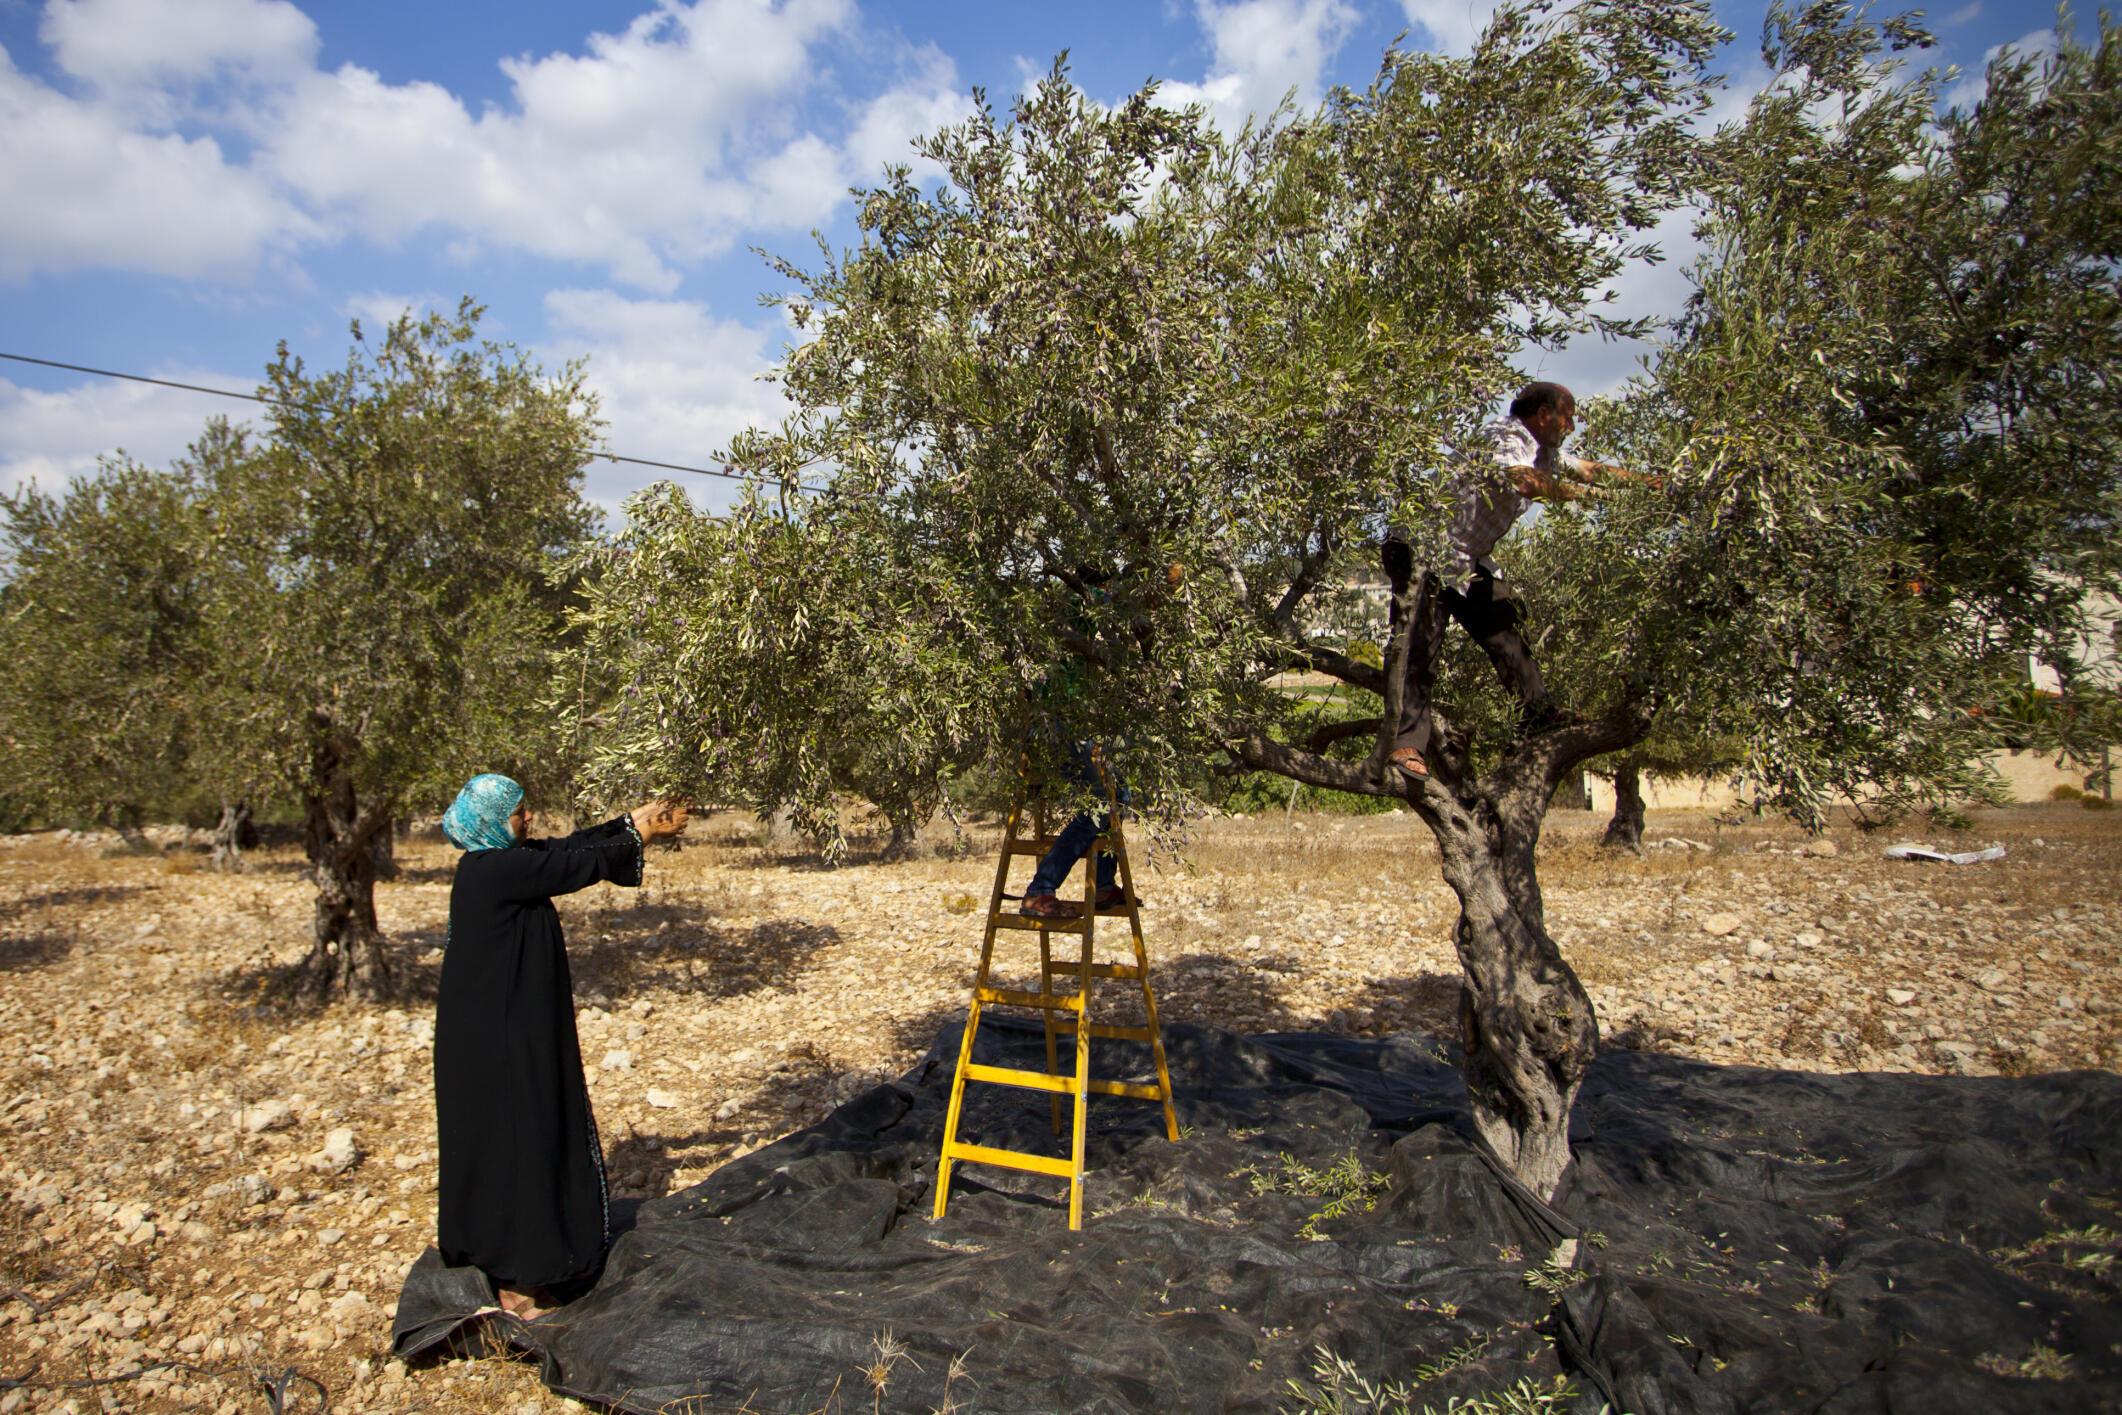 Récolte d'olives à Jenine, dans les Territoires palestiniens (image d'illustration).